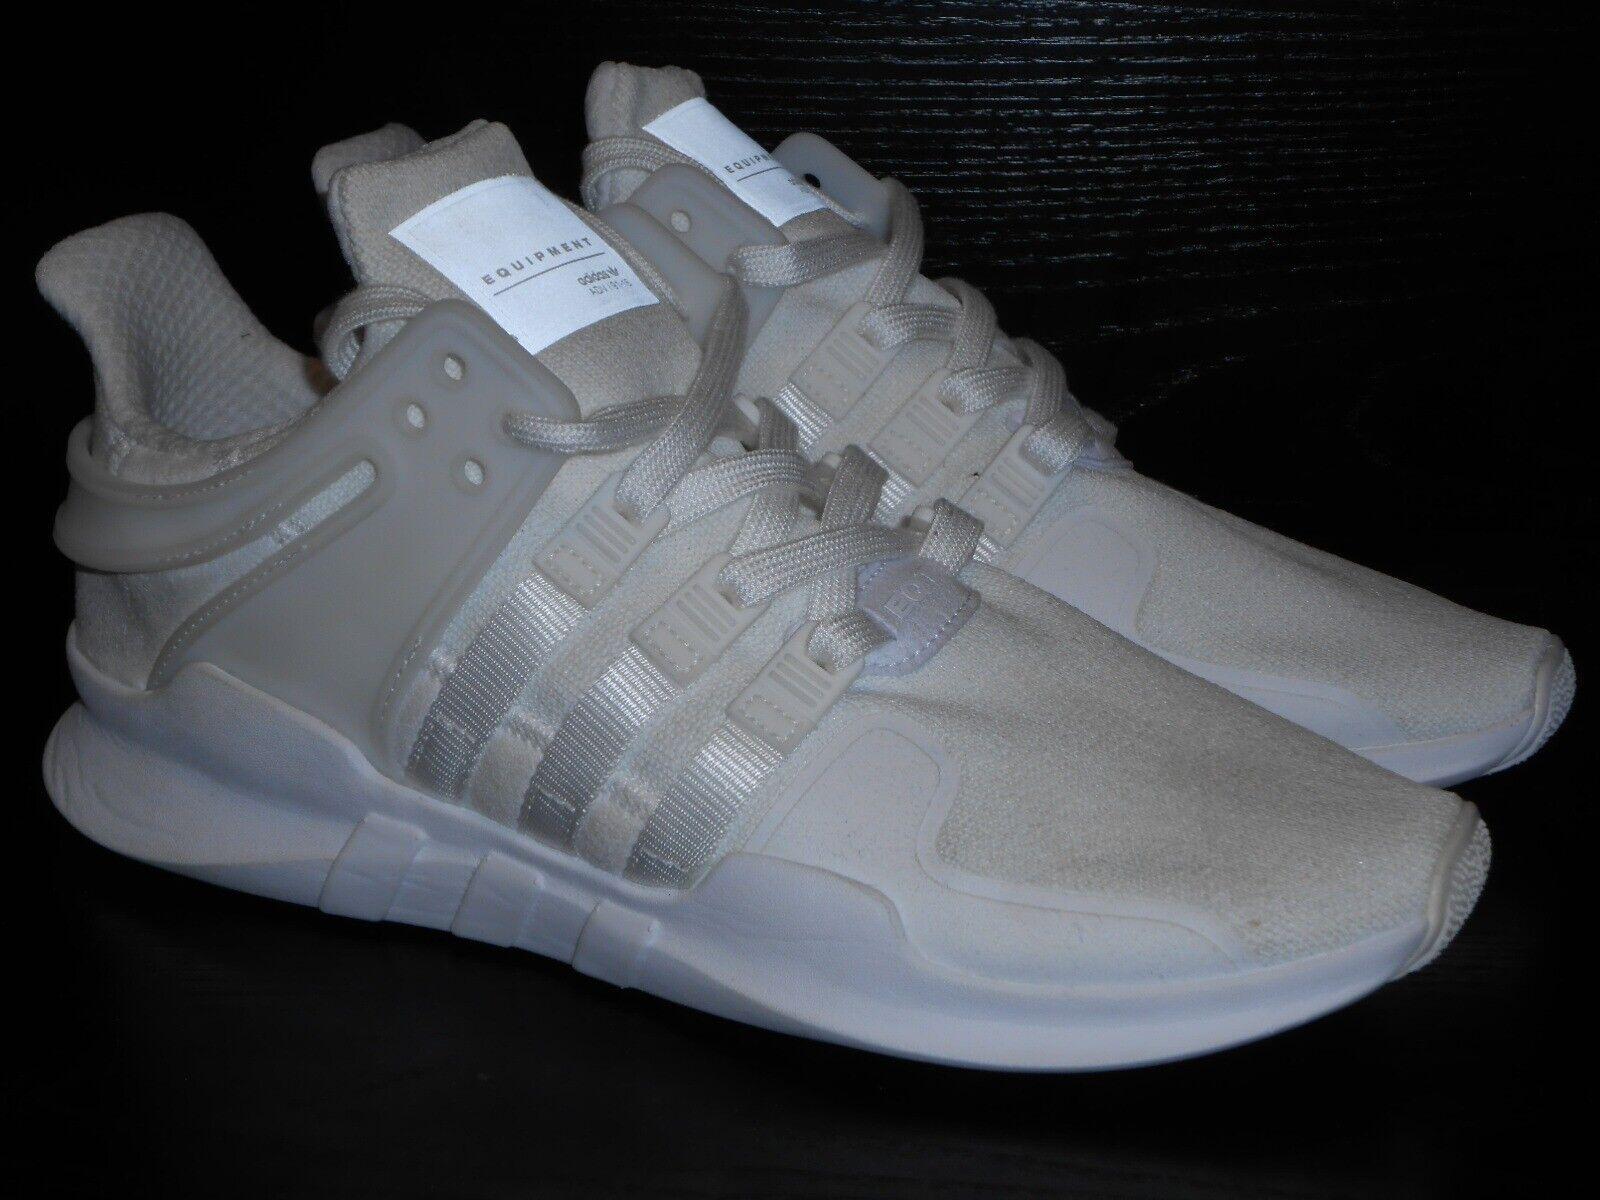 Adidas Eqt Soporte Adv pantofole Hombre  biancao Dimensione 8  nelle promozioni dello stadio